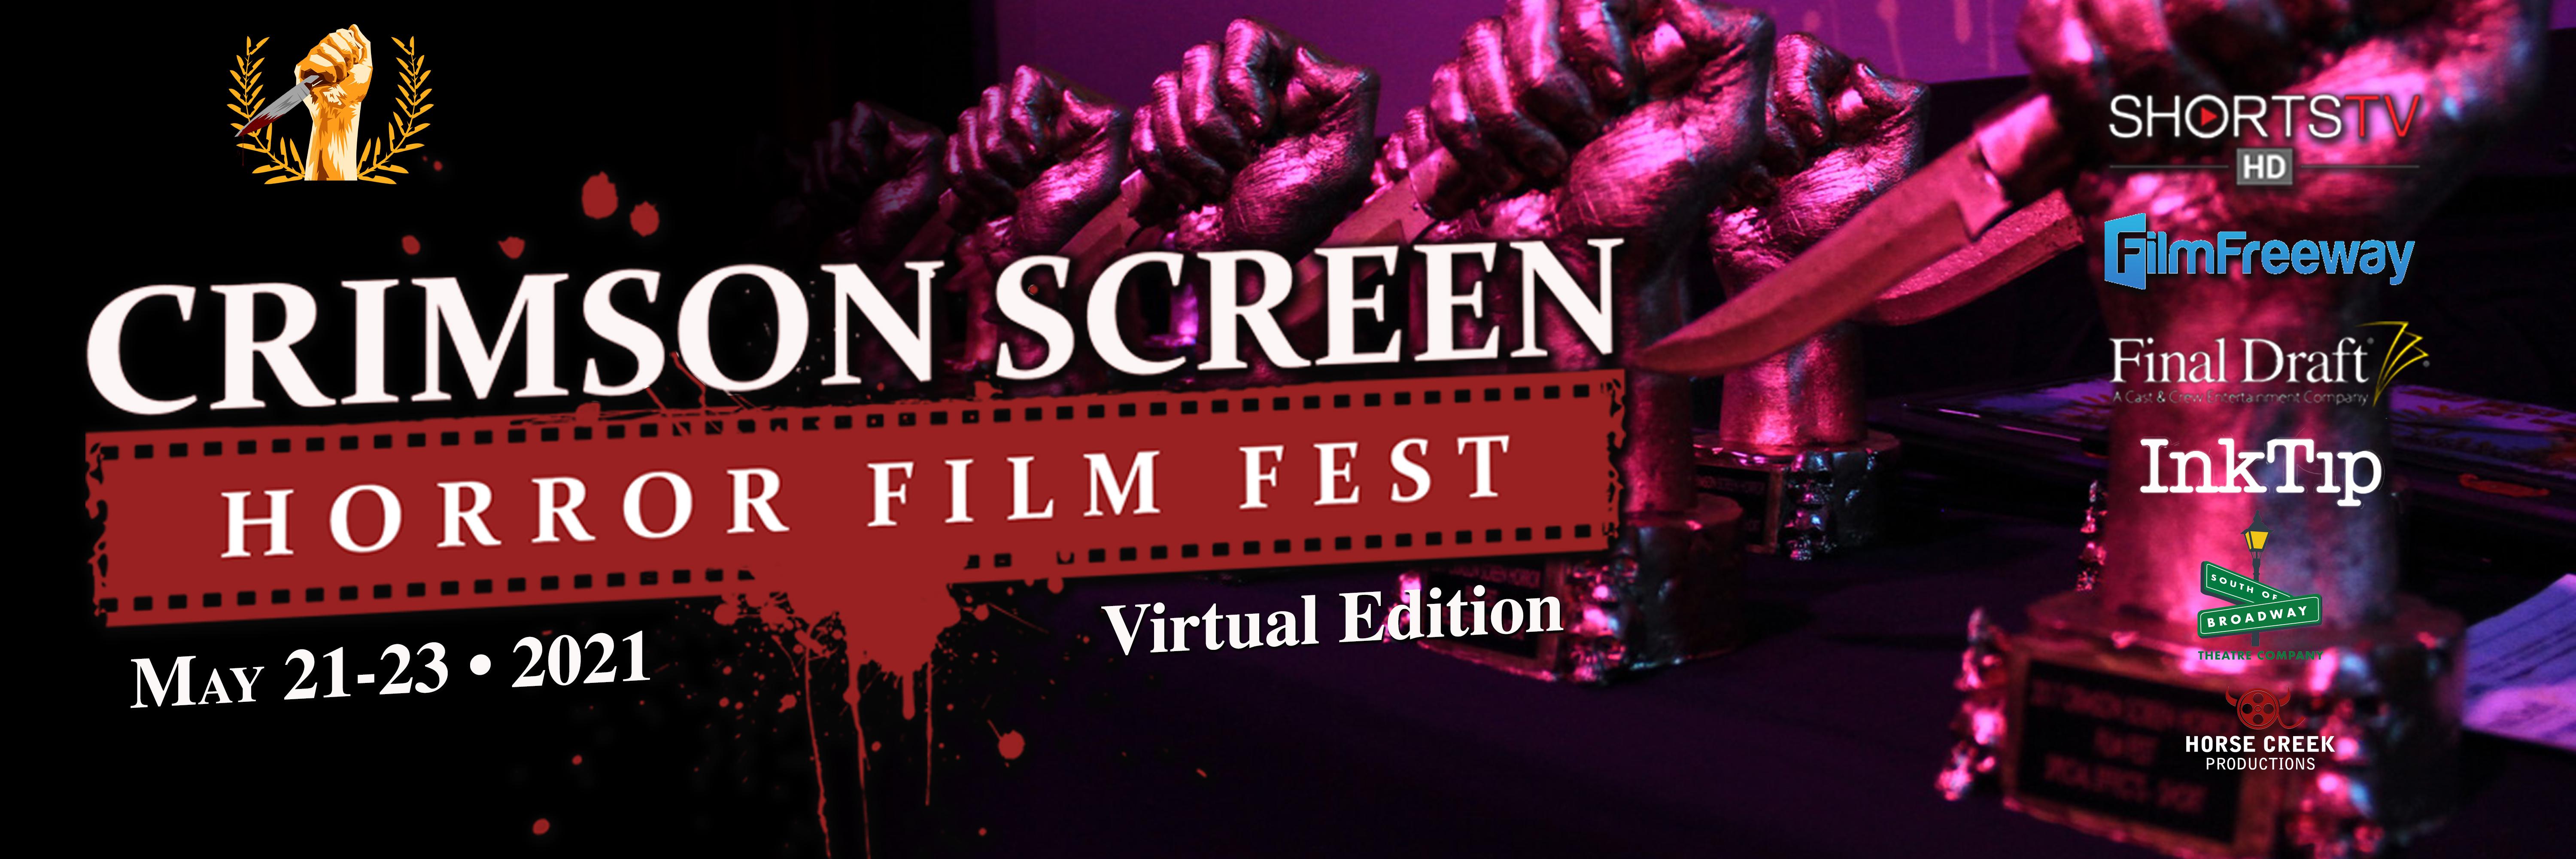 Crimson Screen Horror Film Fest